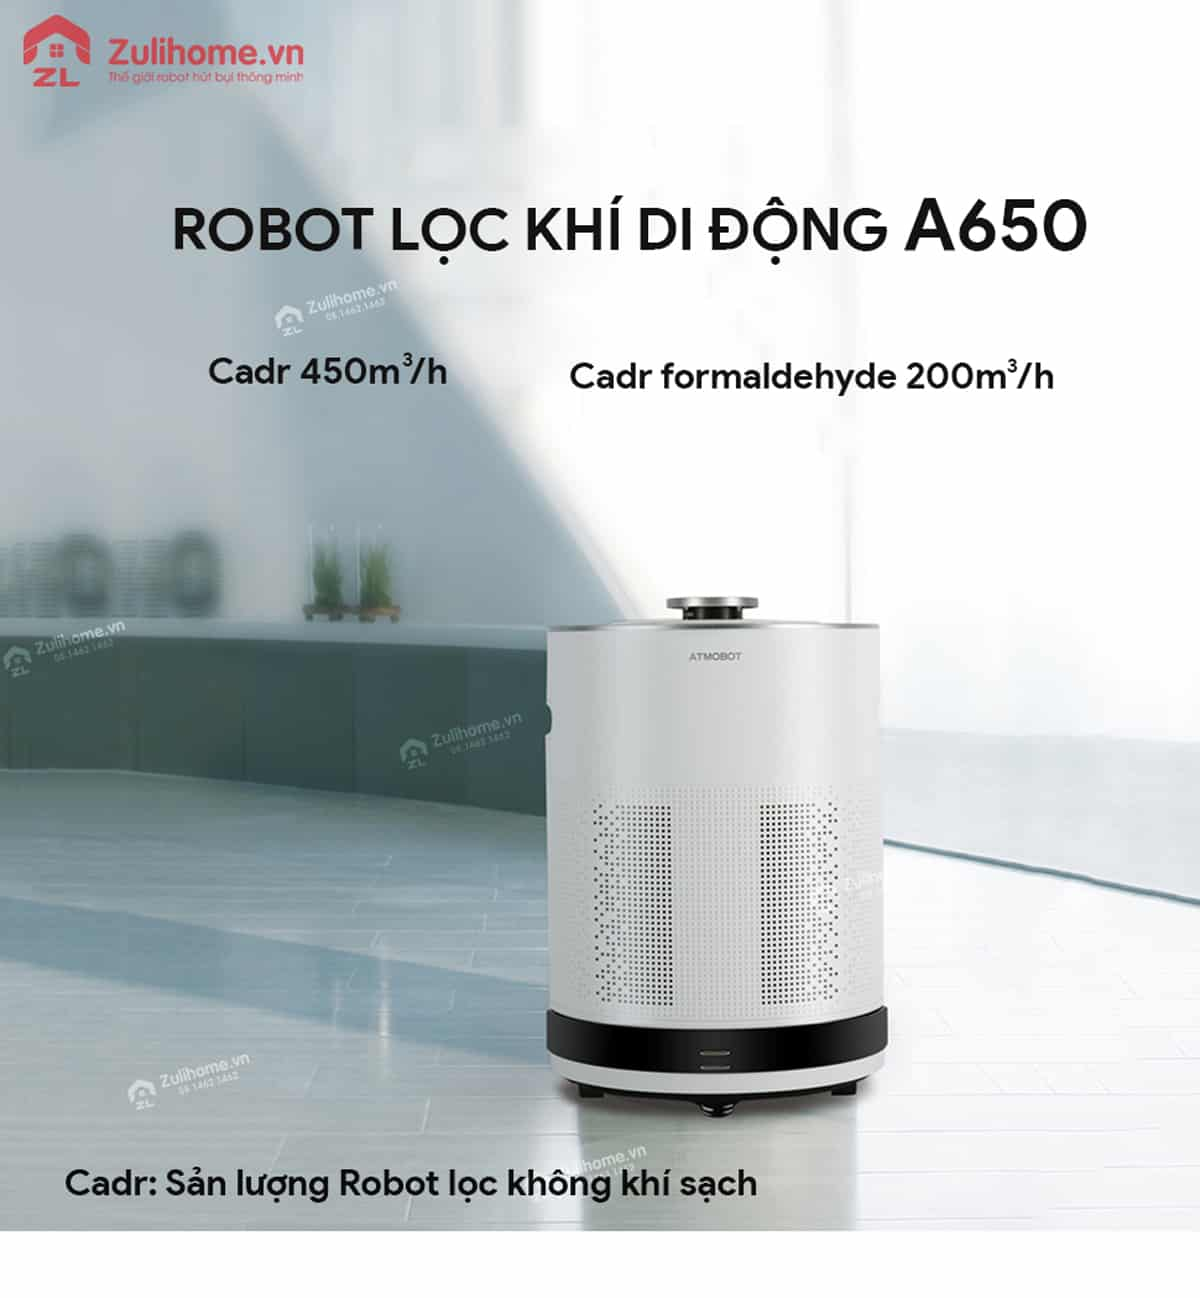 robot loc khong khi a660 zulihome 1 Tháng Sáu 4th, 2020